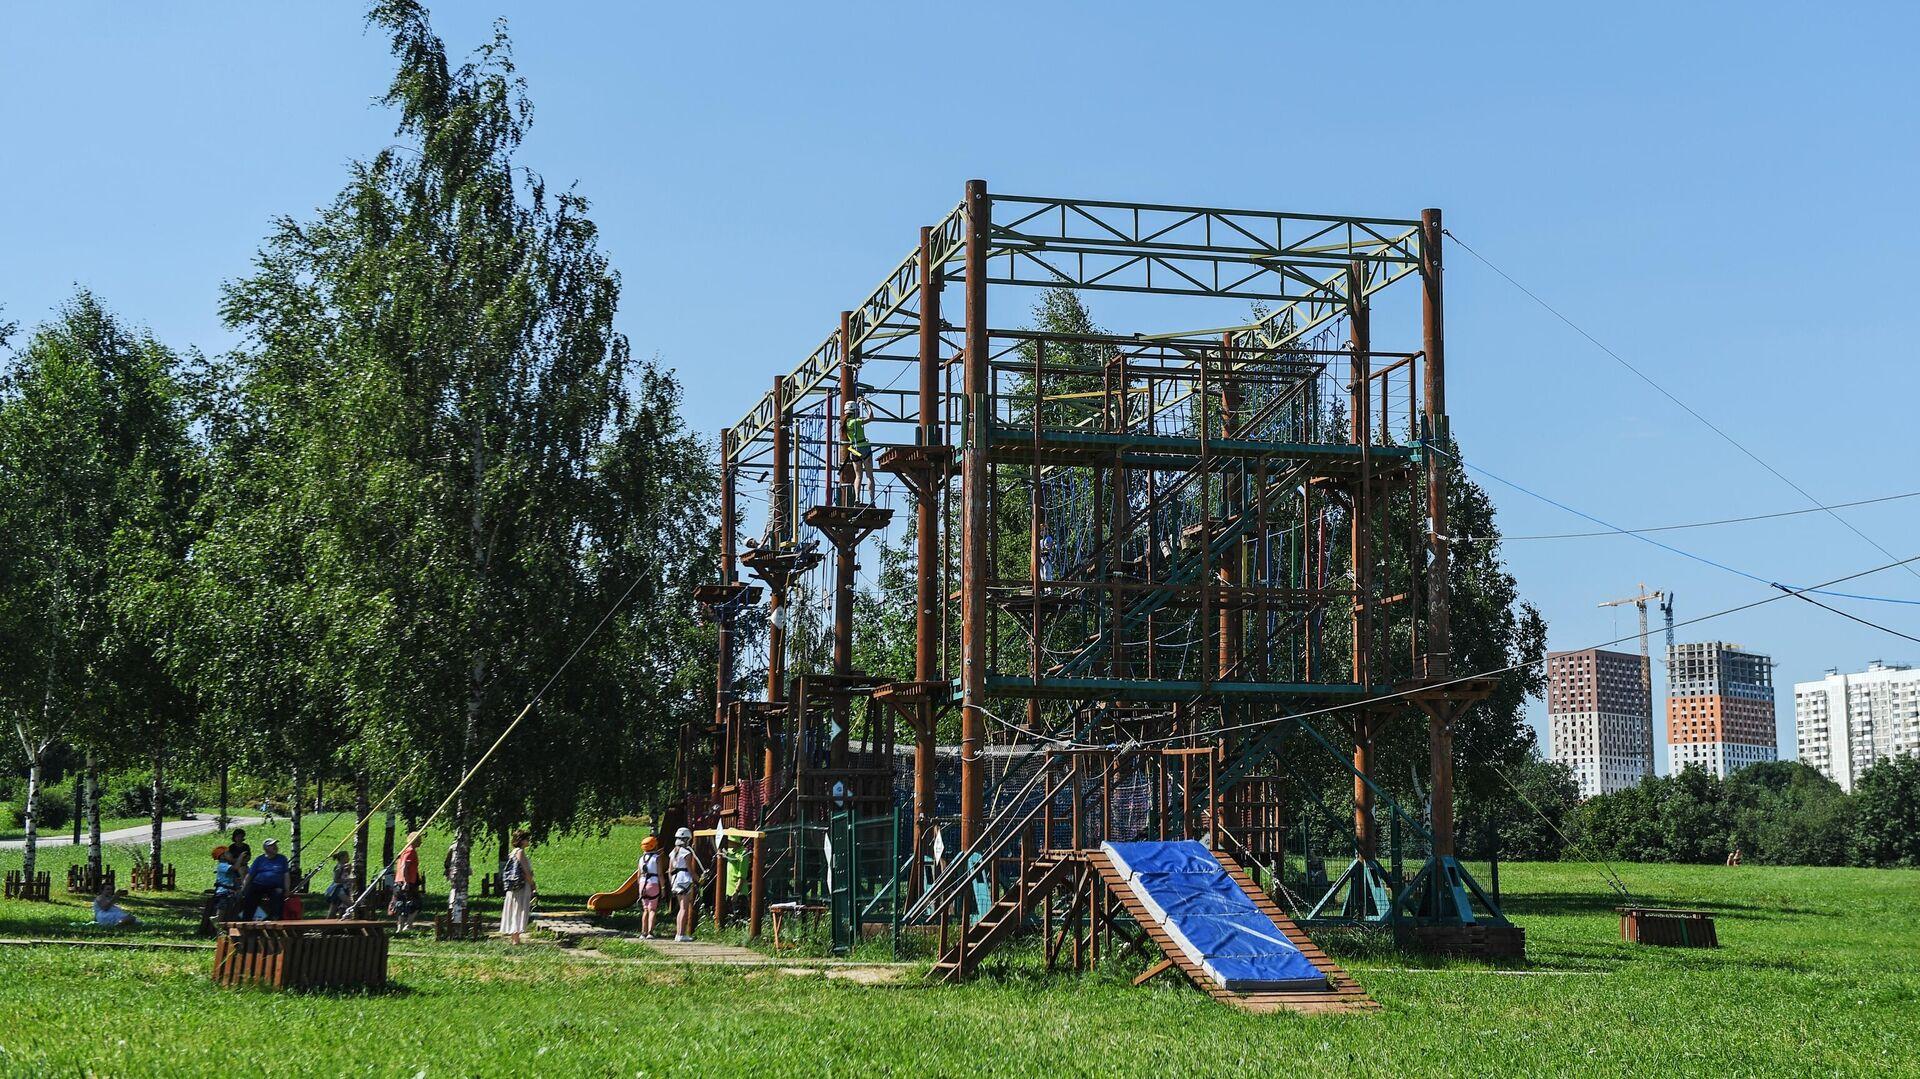 Веревочный комплекс ПандаПарк - РИА Новости, 1920, 22.07.2021